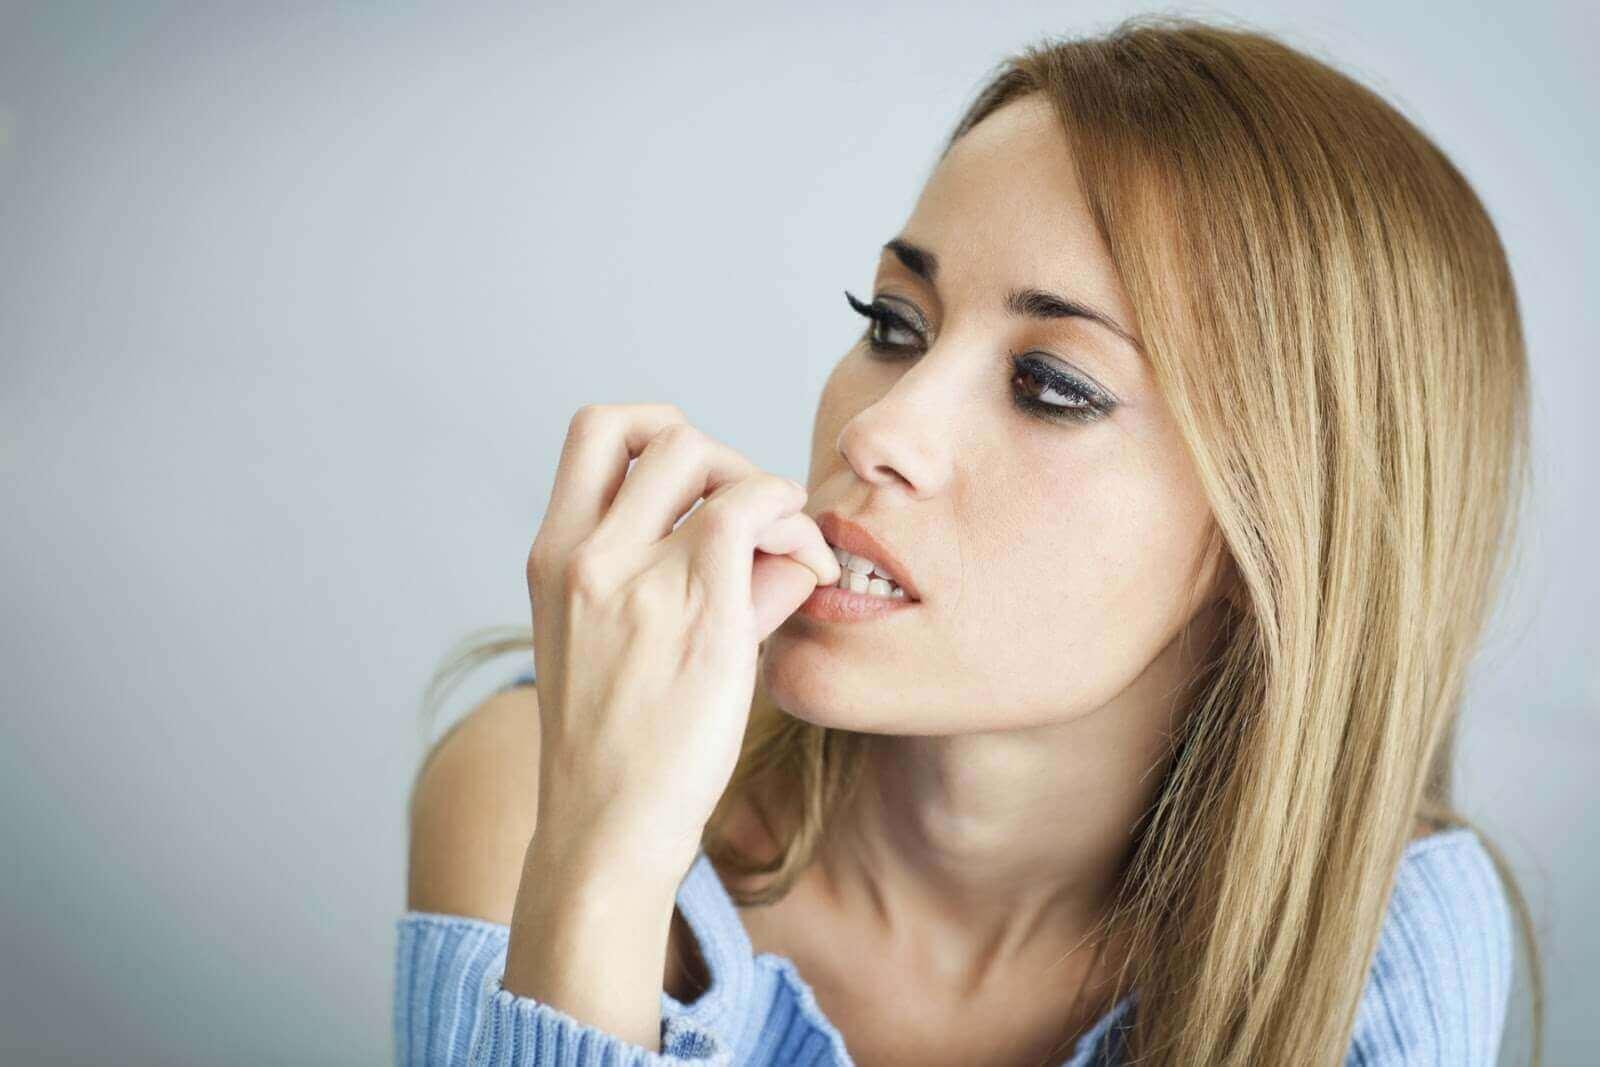 zumban hyödyt vähentää stressiä